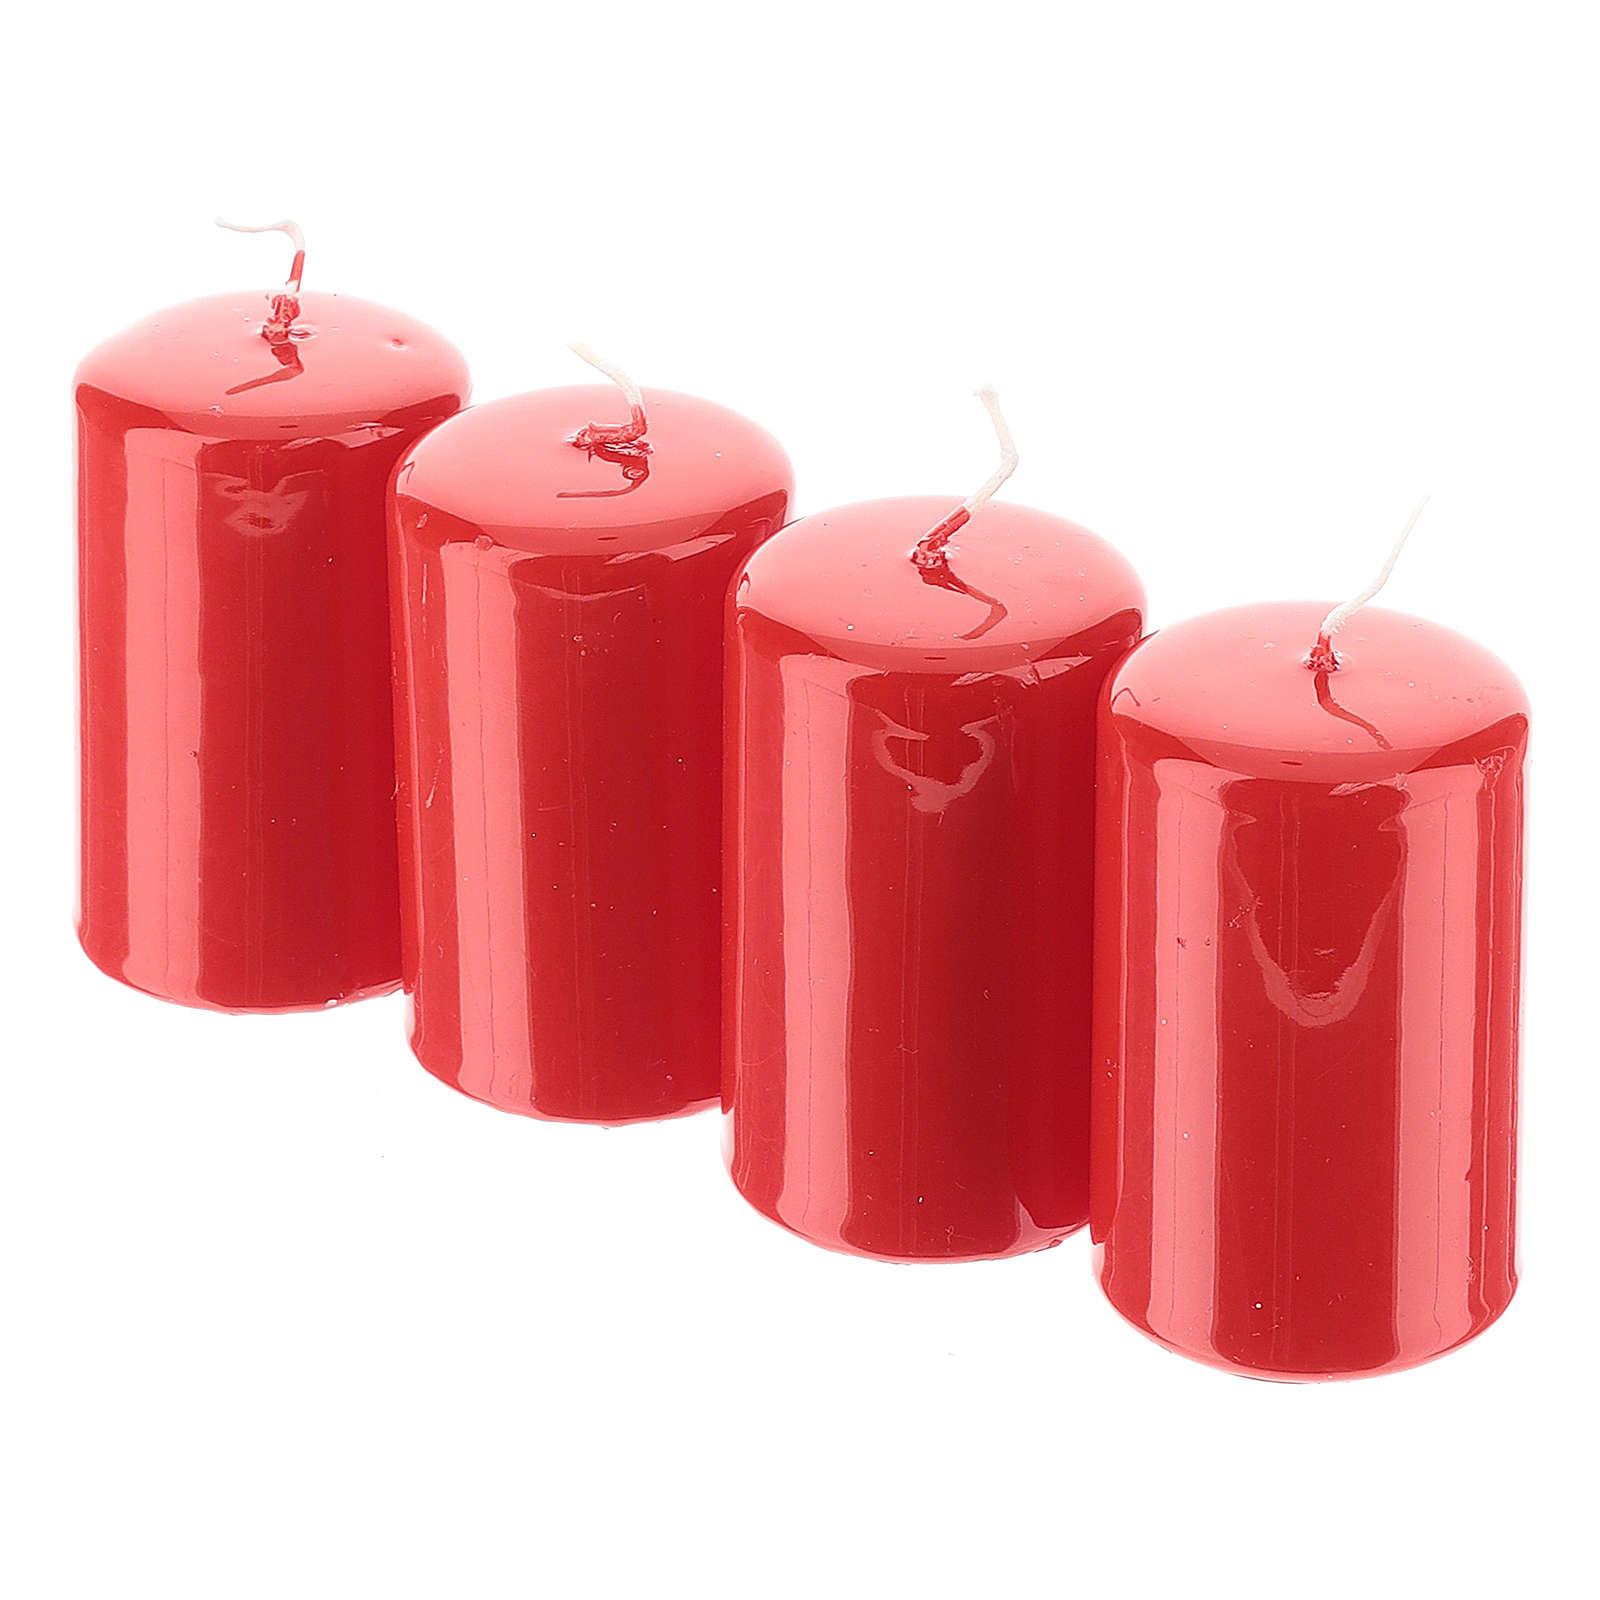 Kit Avent couronne de Noël enneigée baies rouges piques blancs bougies rouges 3